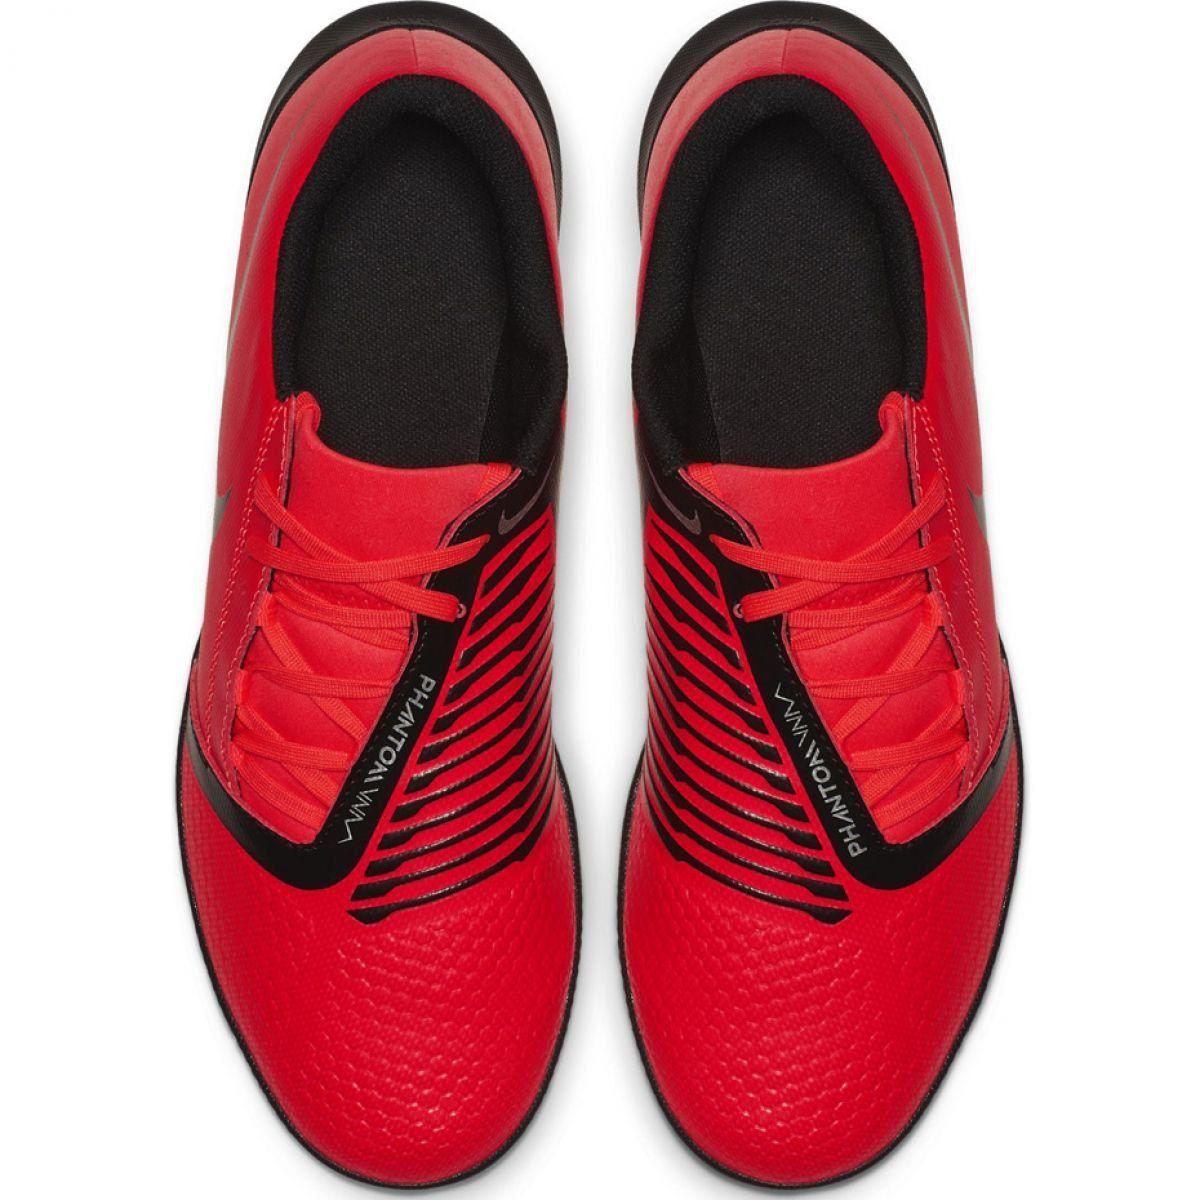 Buty Pilkarskie Nike Phantom Venom Club Tf M Ao0579 600 Czerwone Czerwone Football Shoes Nike Shoes Shoes